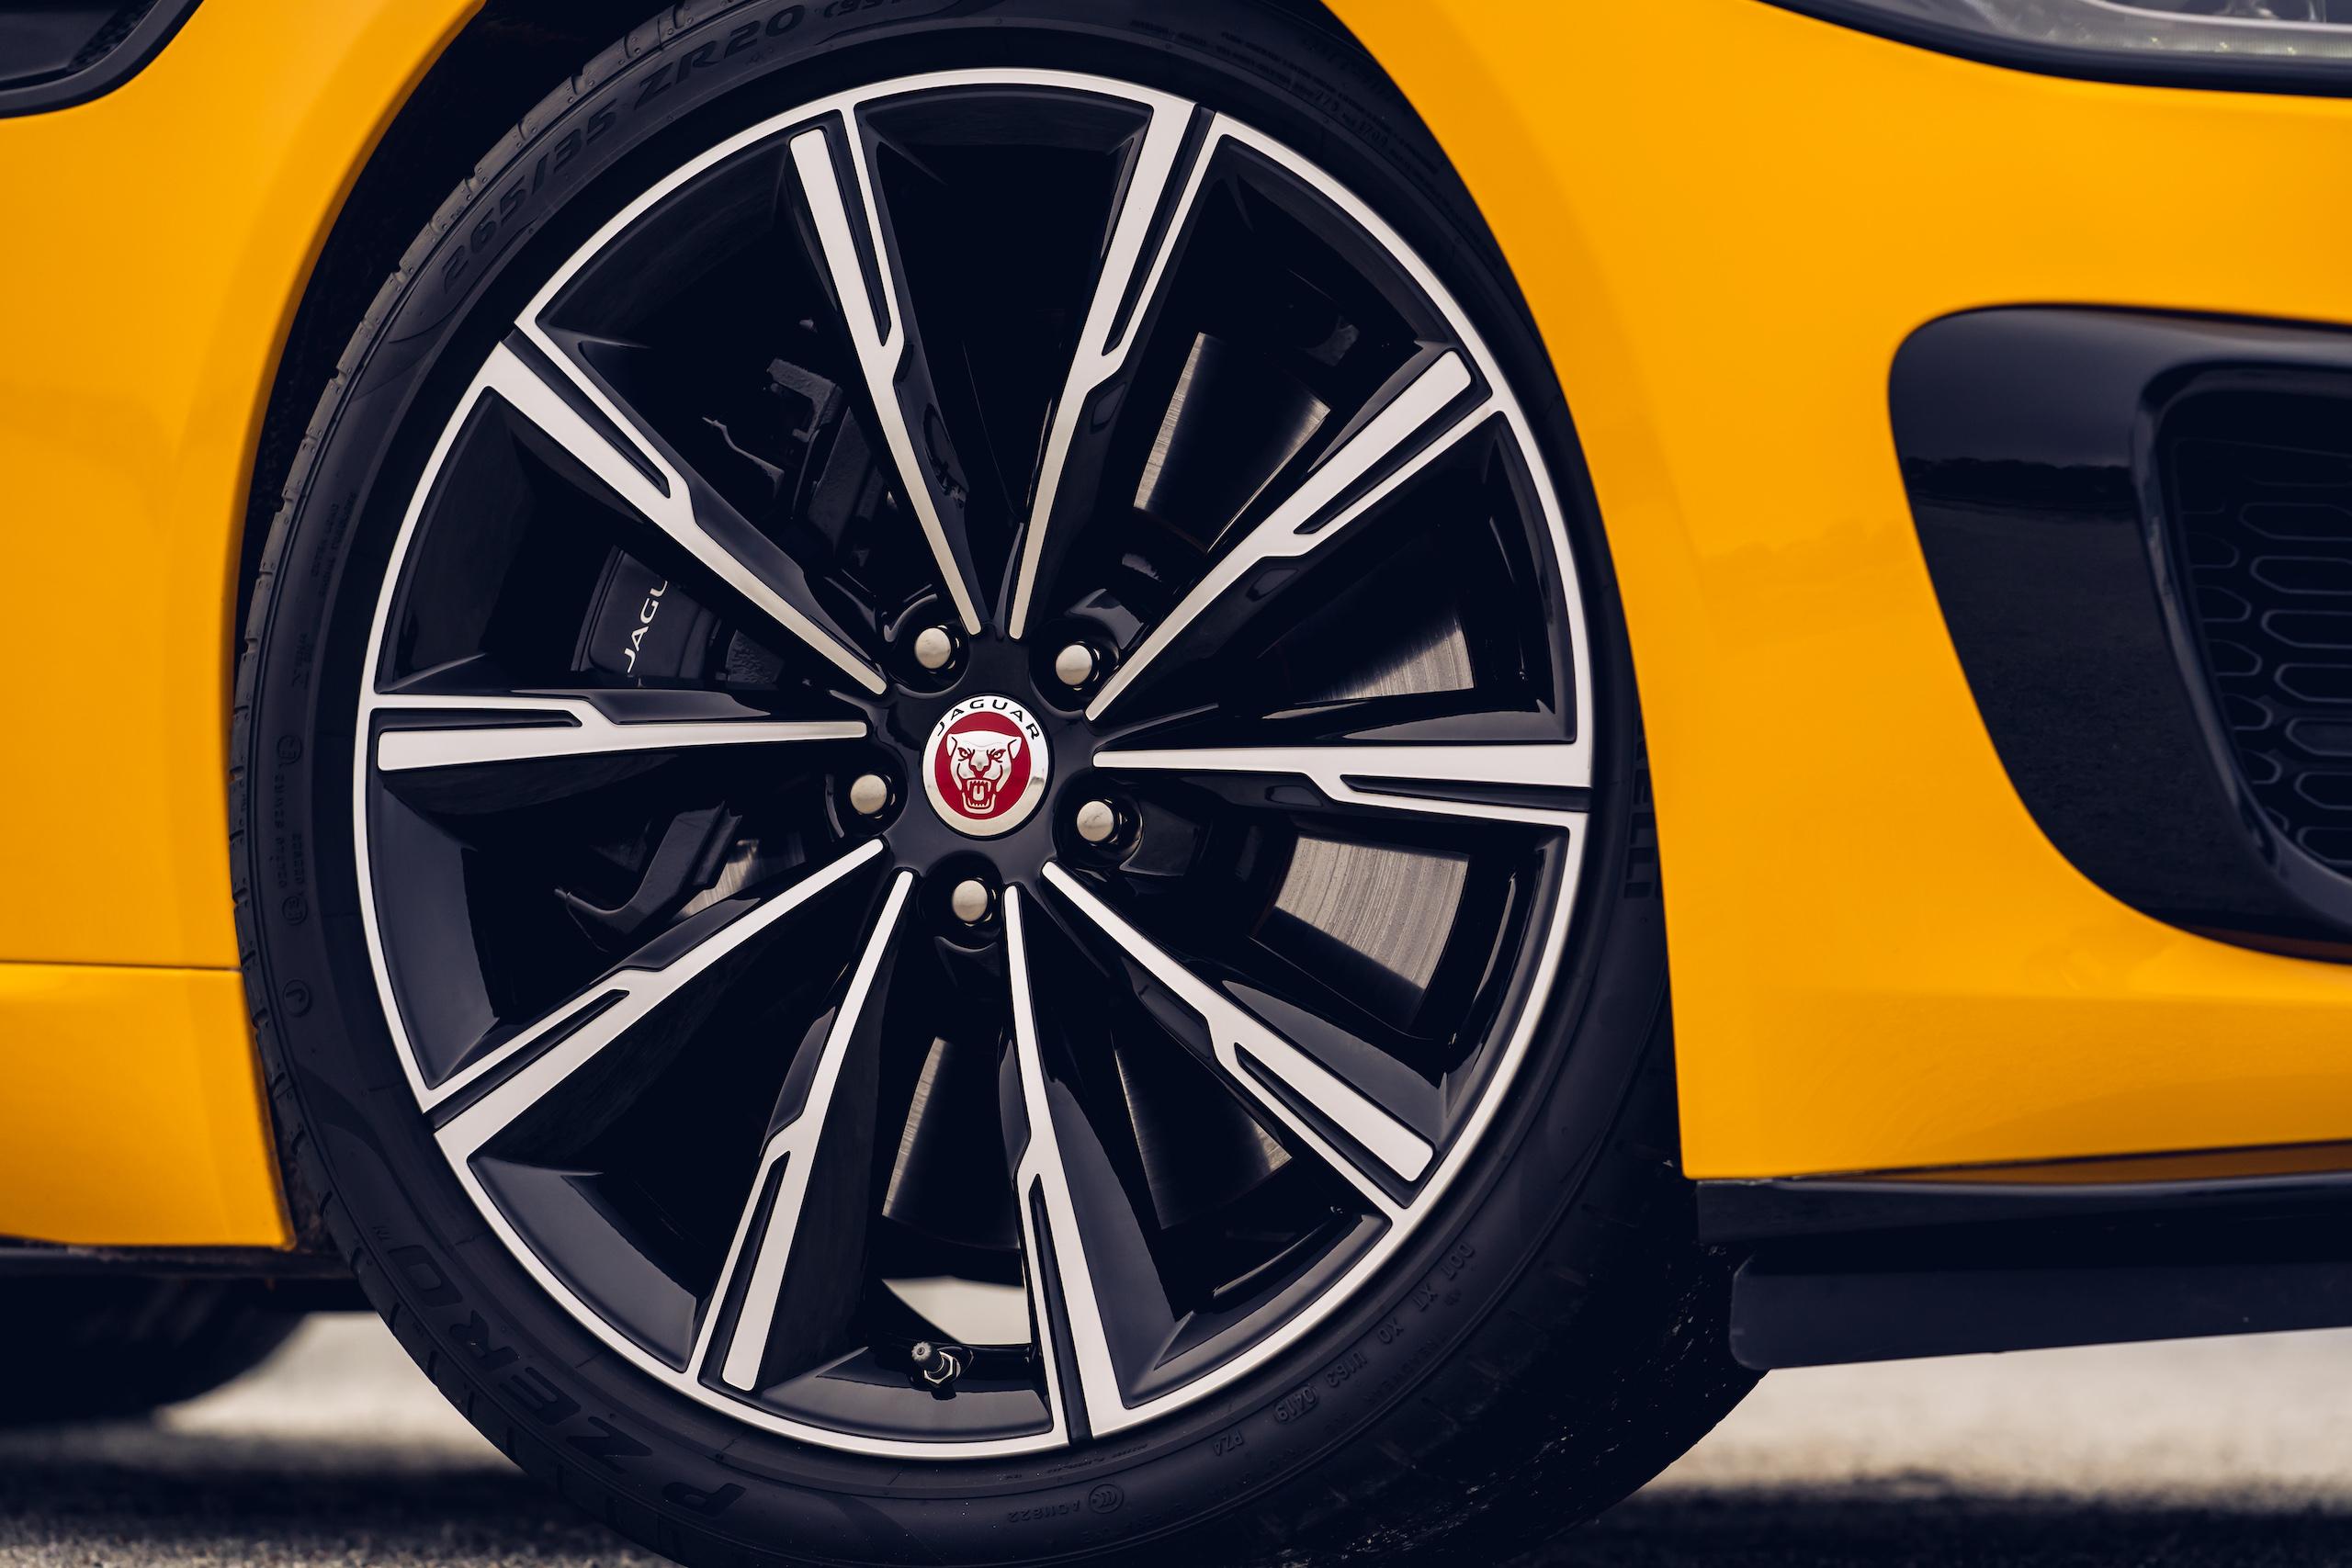 2021 Jaguar F-TYPE_R Coupe wheel detail